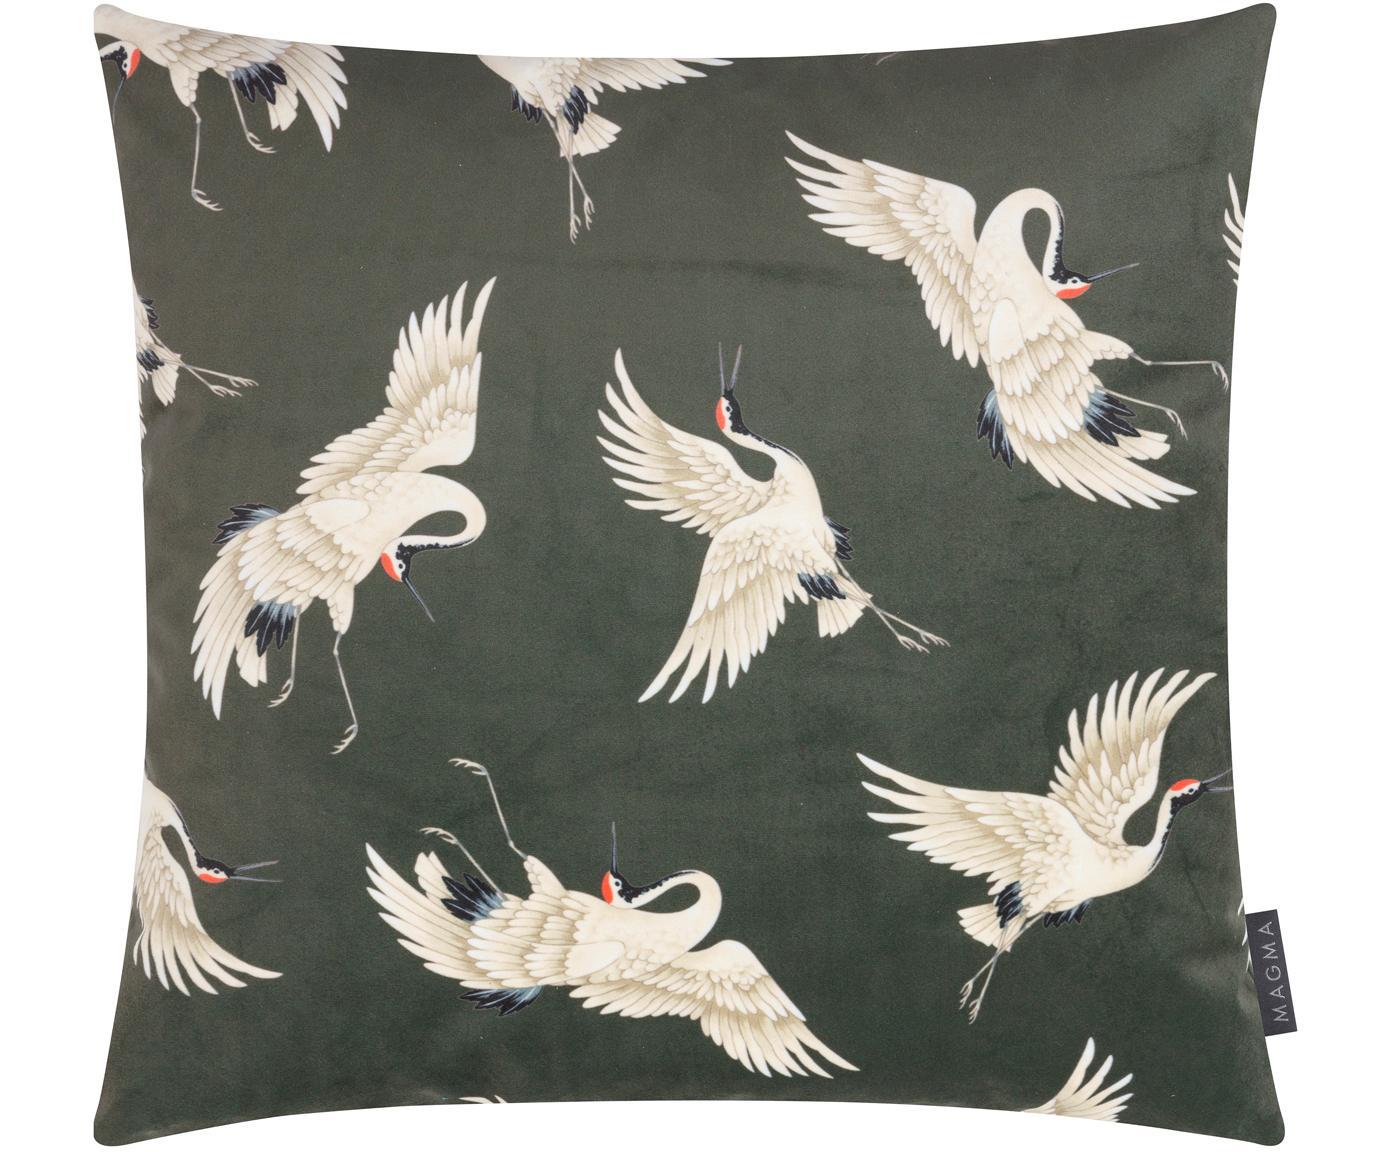 Poszewka na poduszkę z aksamitu Kraniche, Aksamit poliestrowy, nadruk, Zielony, beżowy, czarny, czerwony, S 50 x D 50 cm